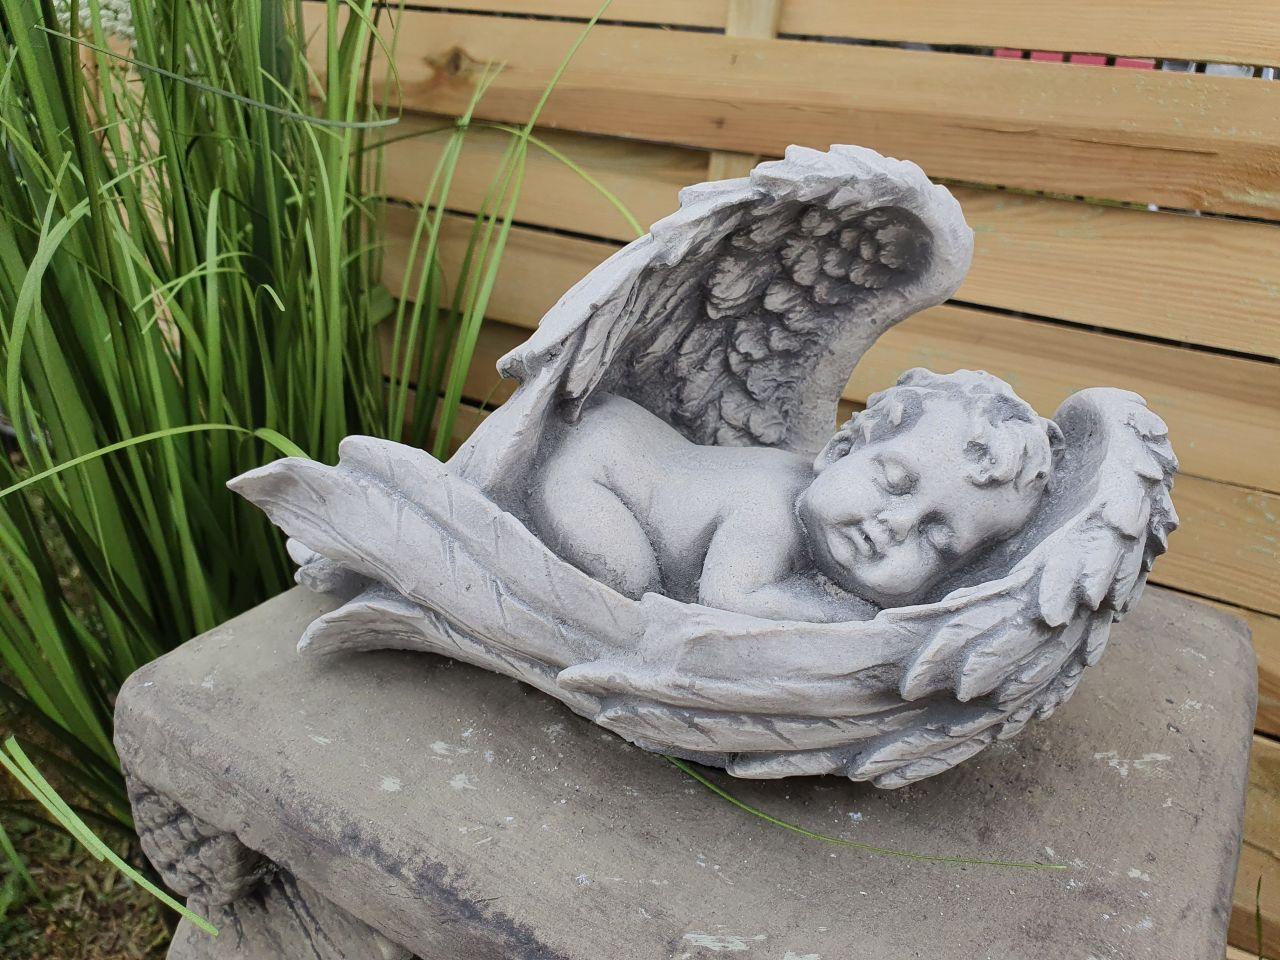 Gartenfigur Engel schlafend in Flügel